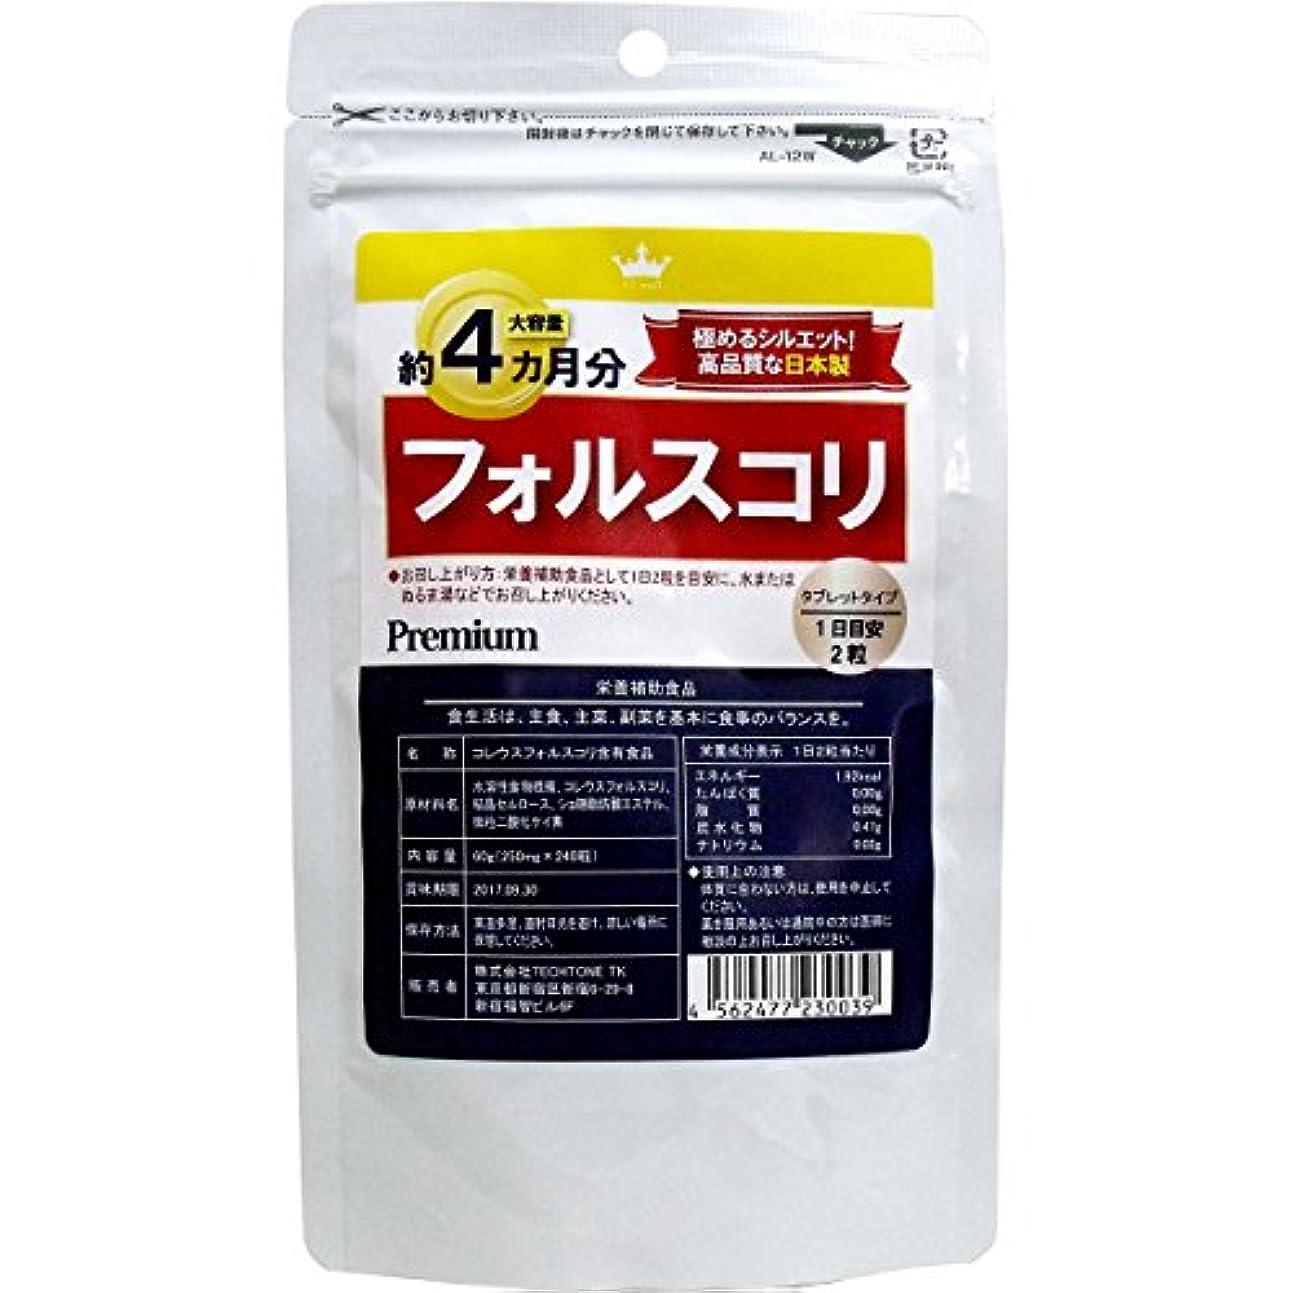 全部採用するカーペットサプリメント 高品質な日本製 健康食品 フォルスコリ 約4カ月分 240粒入